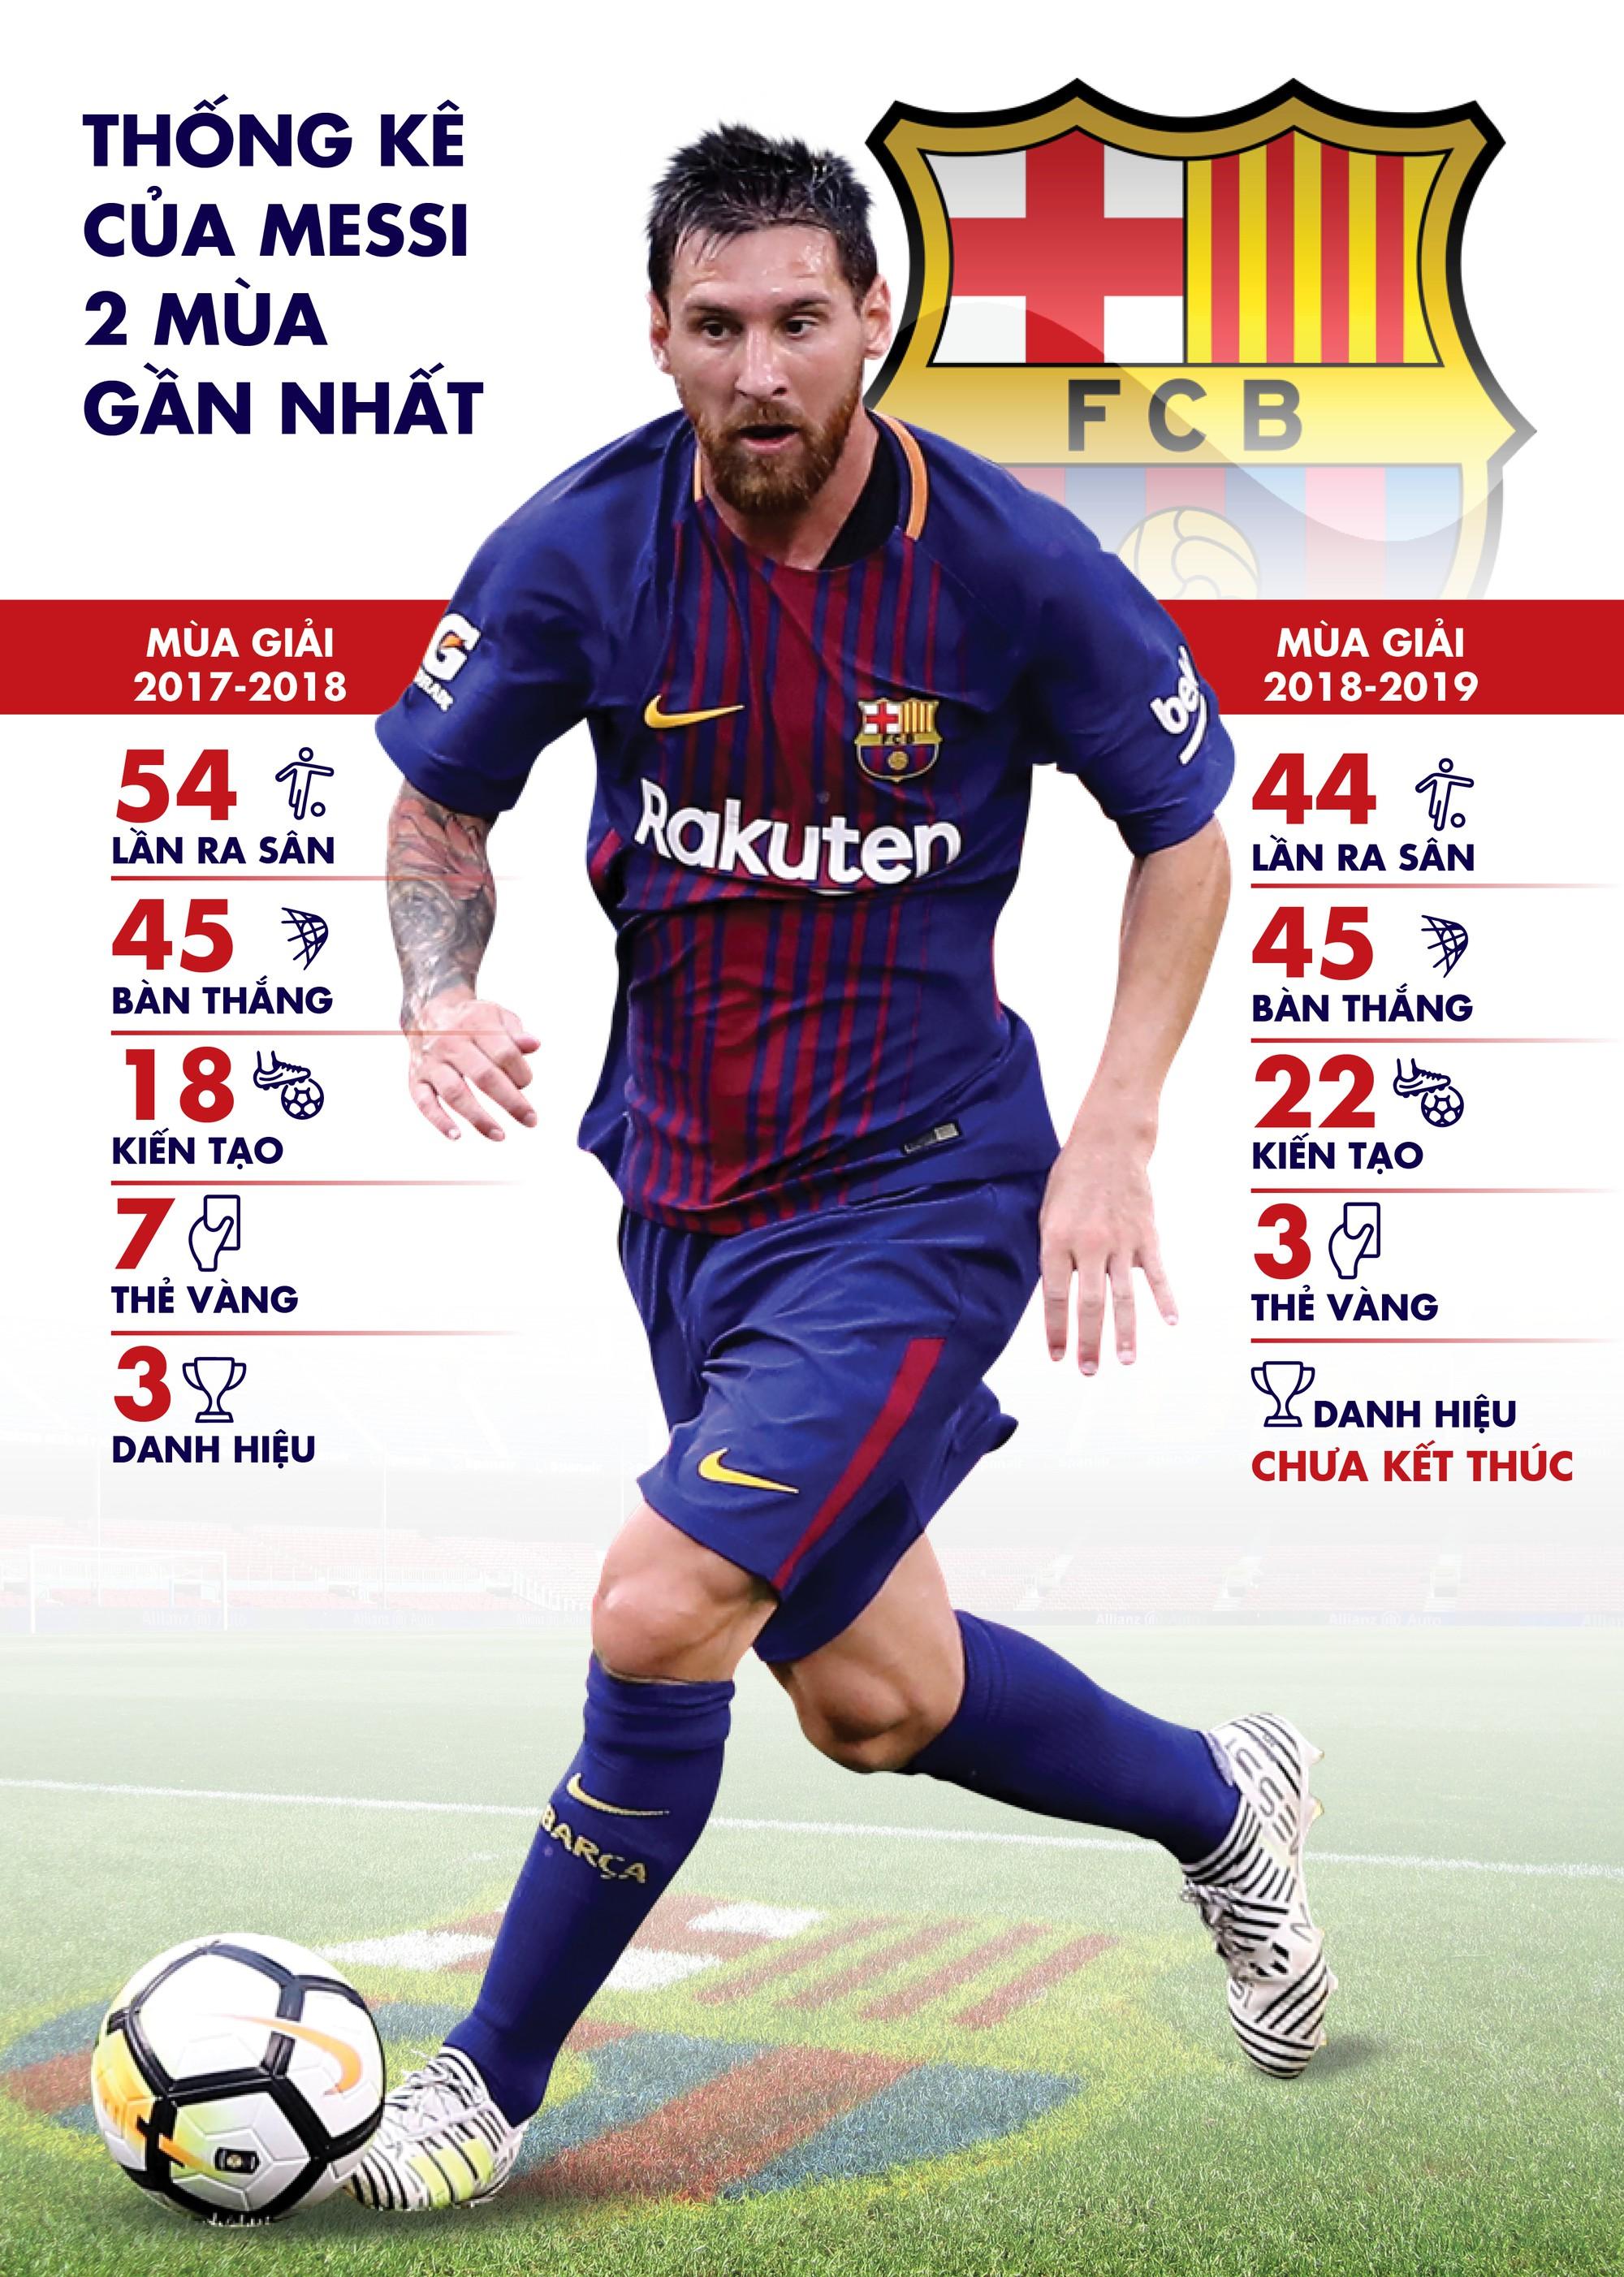 Barca & chiếc đầu kéo vĩnh cửu Messi - Ảnh 8.